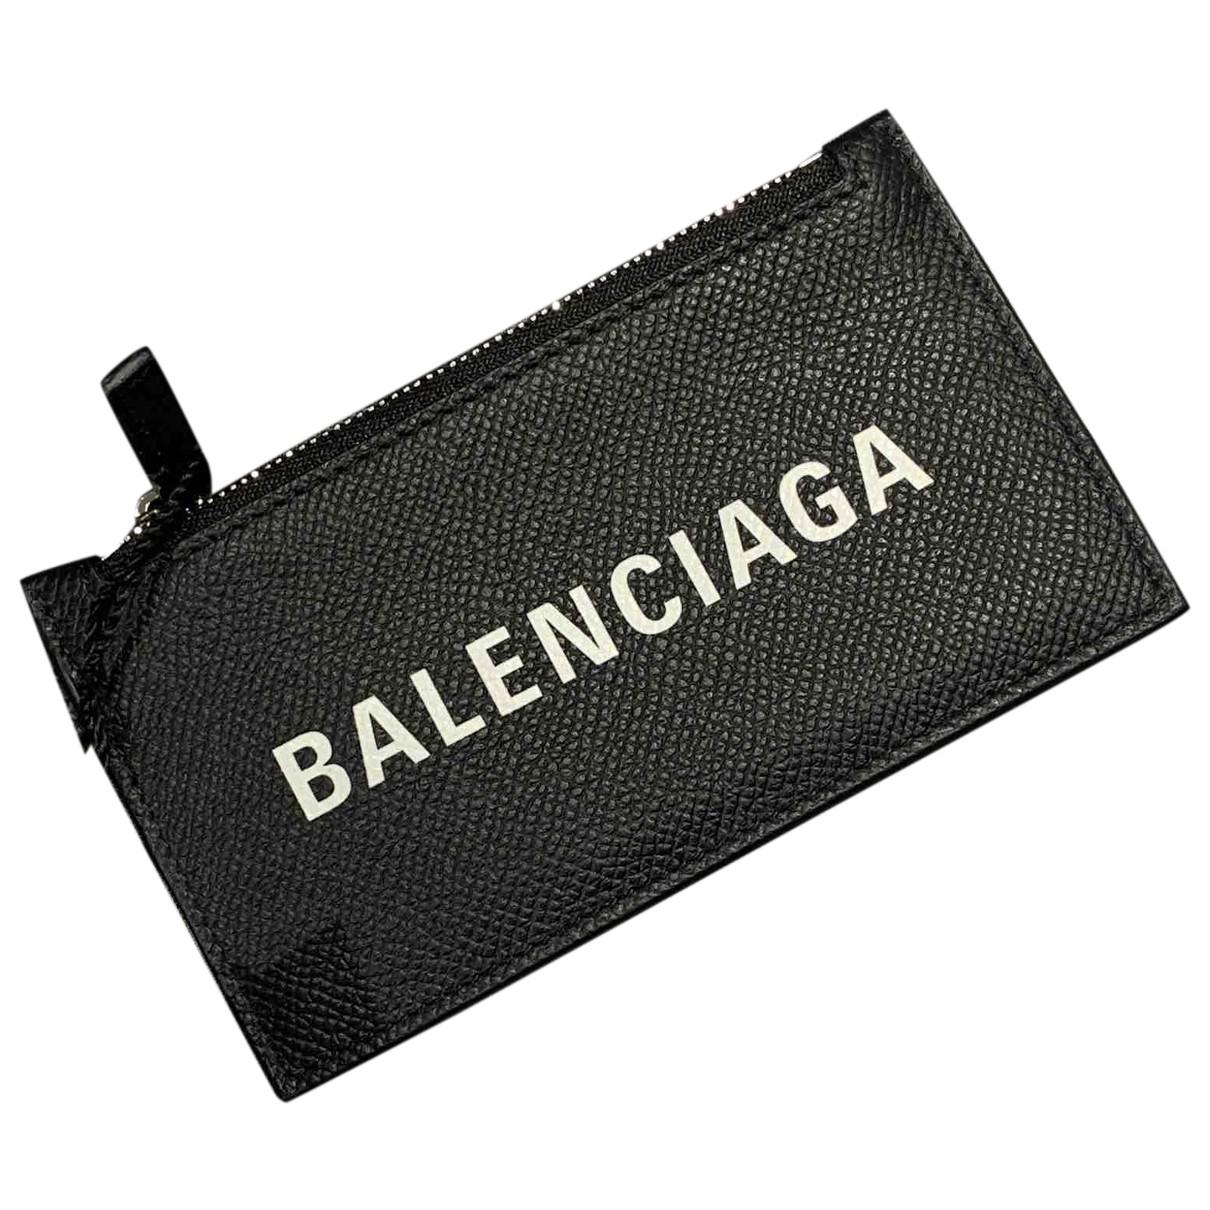 Balenciaga - Petite maroquinerie   pour homme en cuir - noir